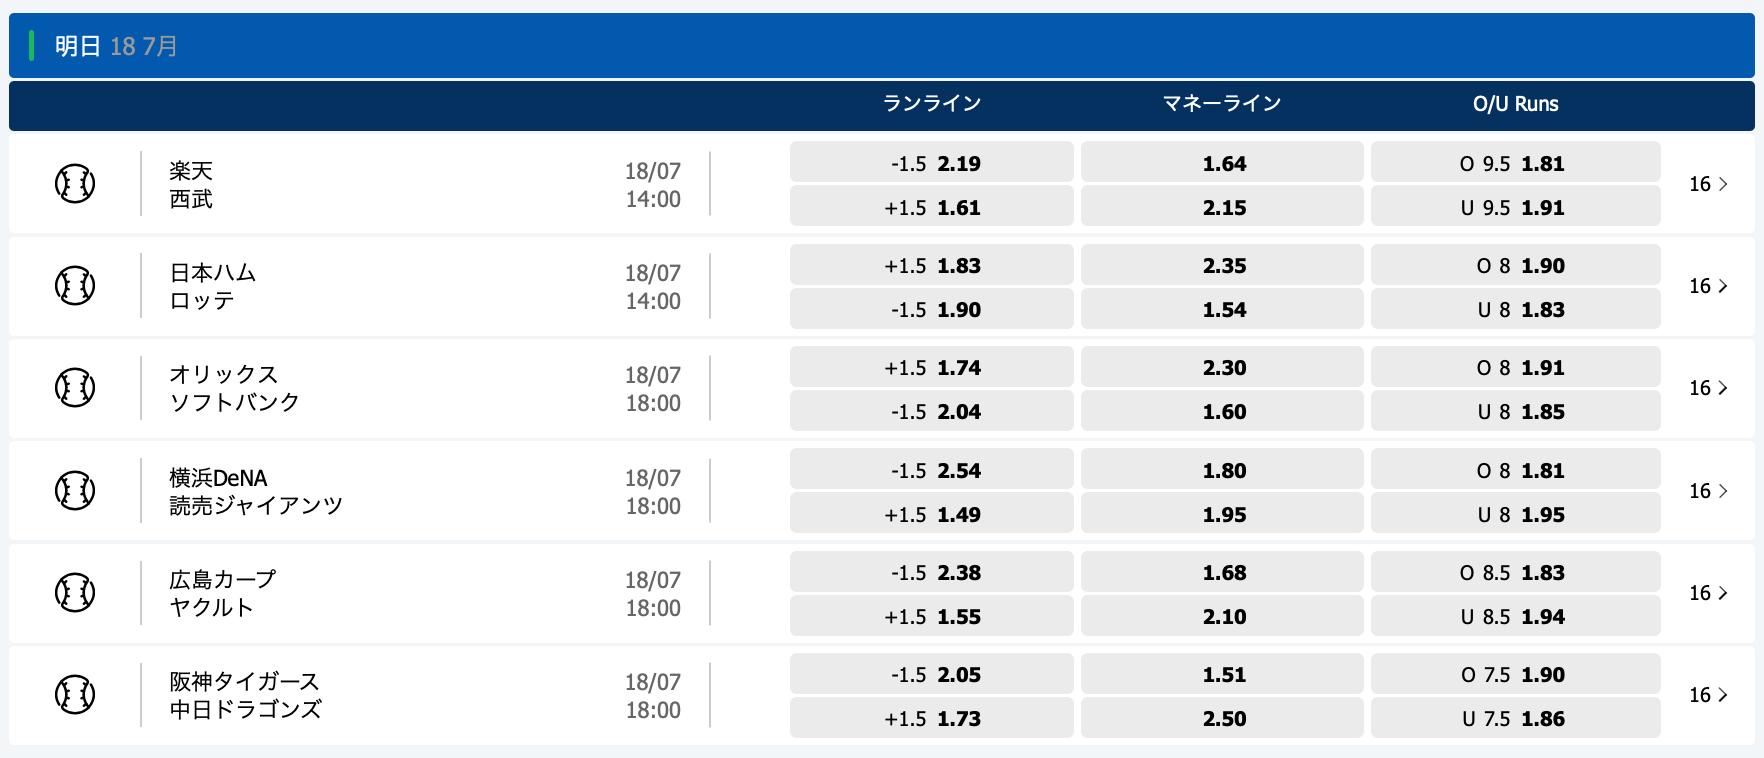 2020.7.18 プロ野球オッズ・10bet Japan